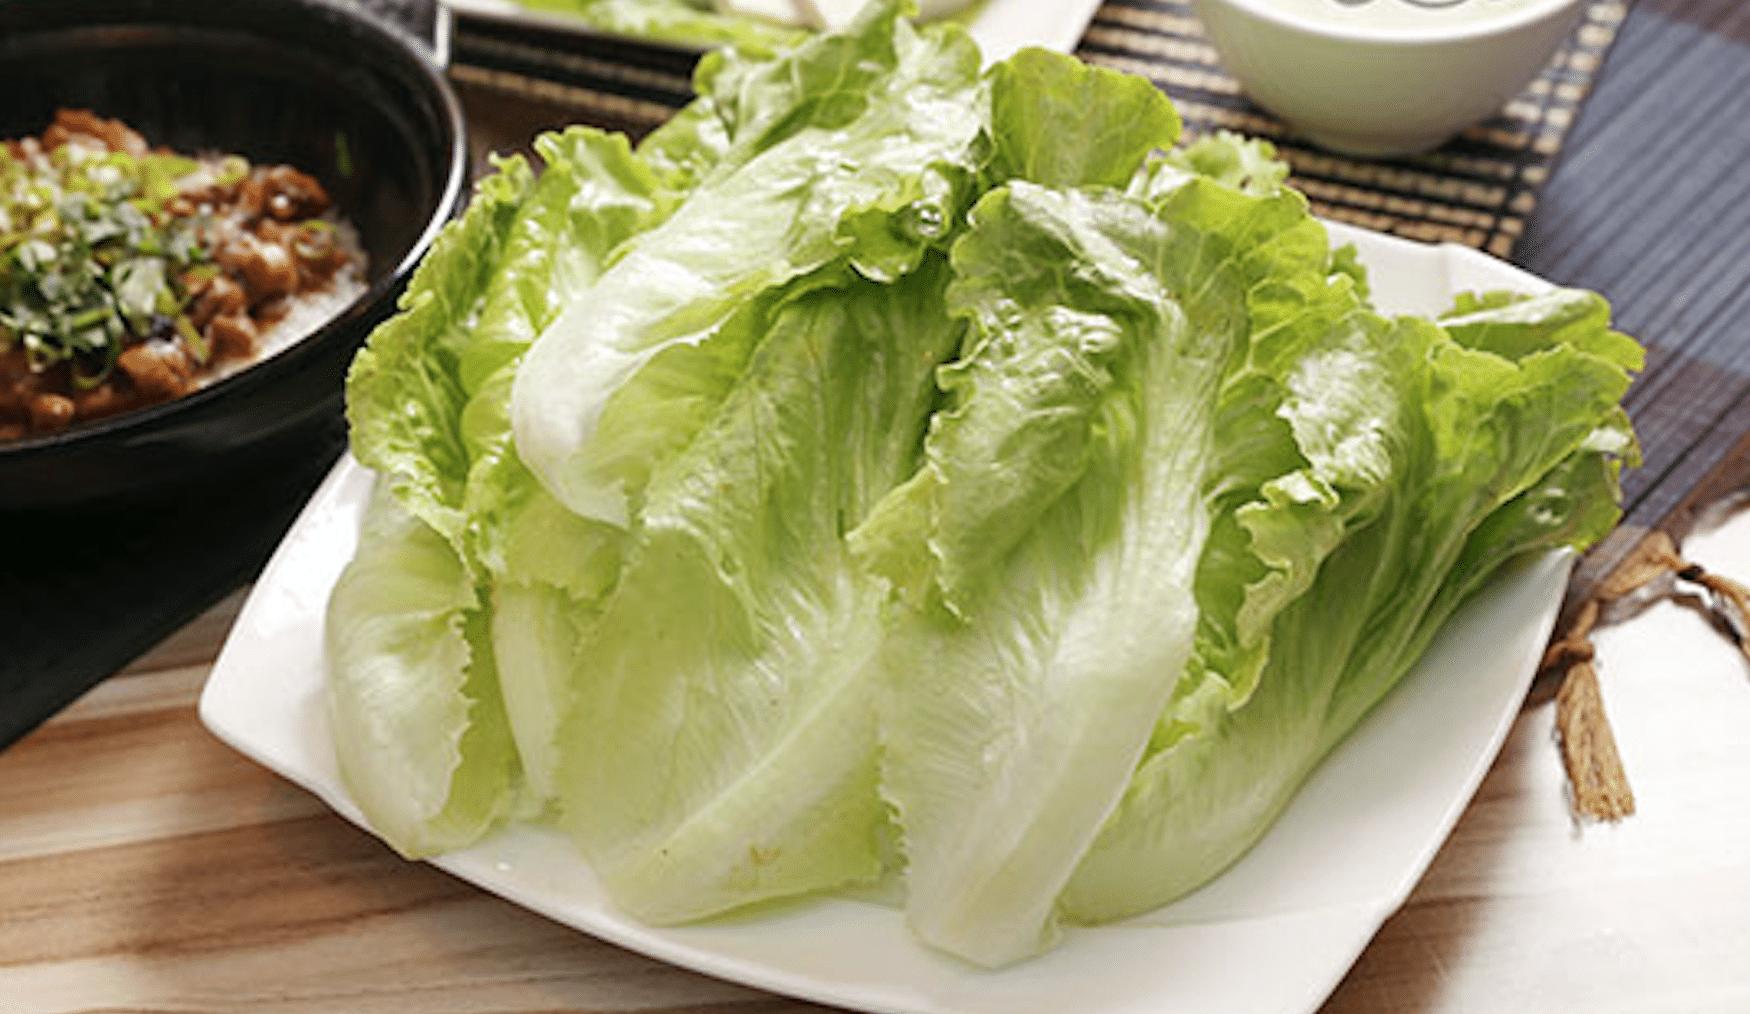 菌菇類&蔬菜類&火鍋配料